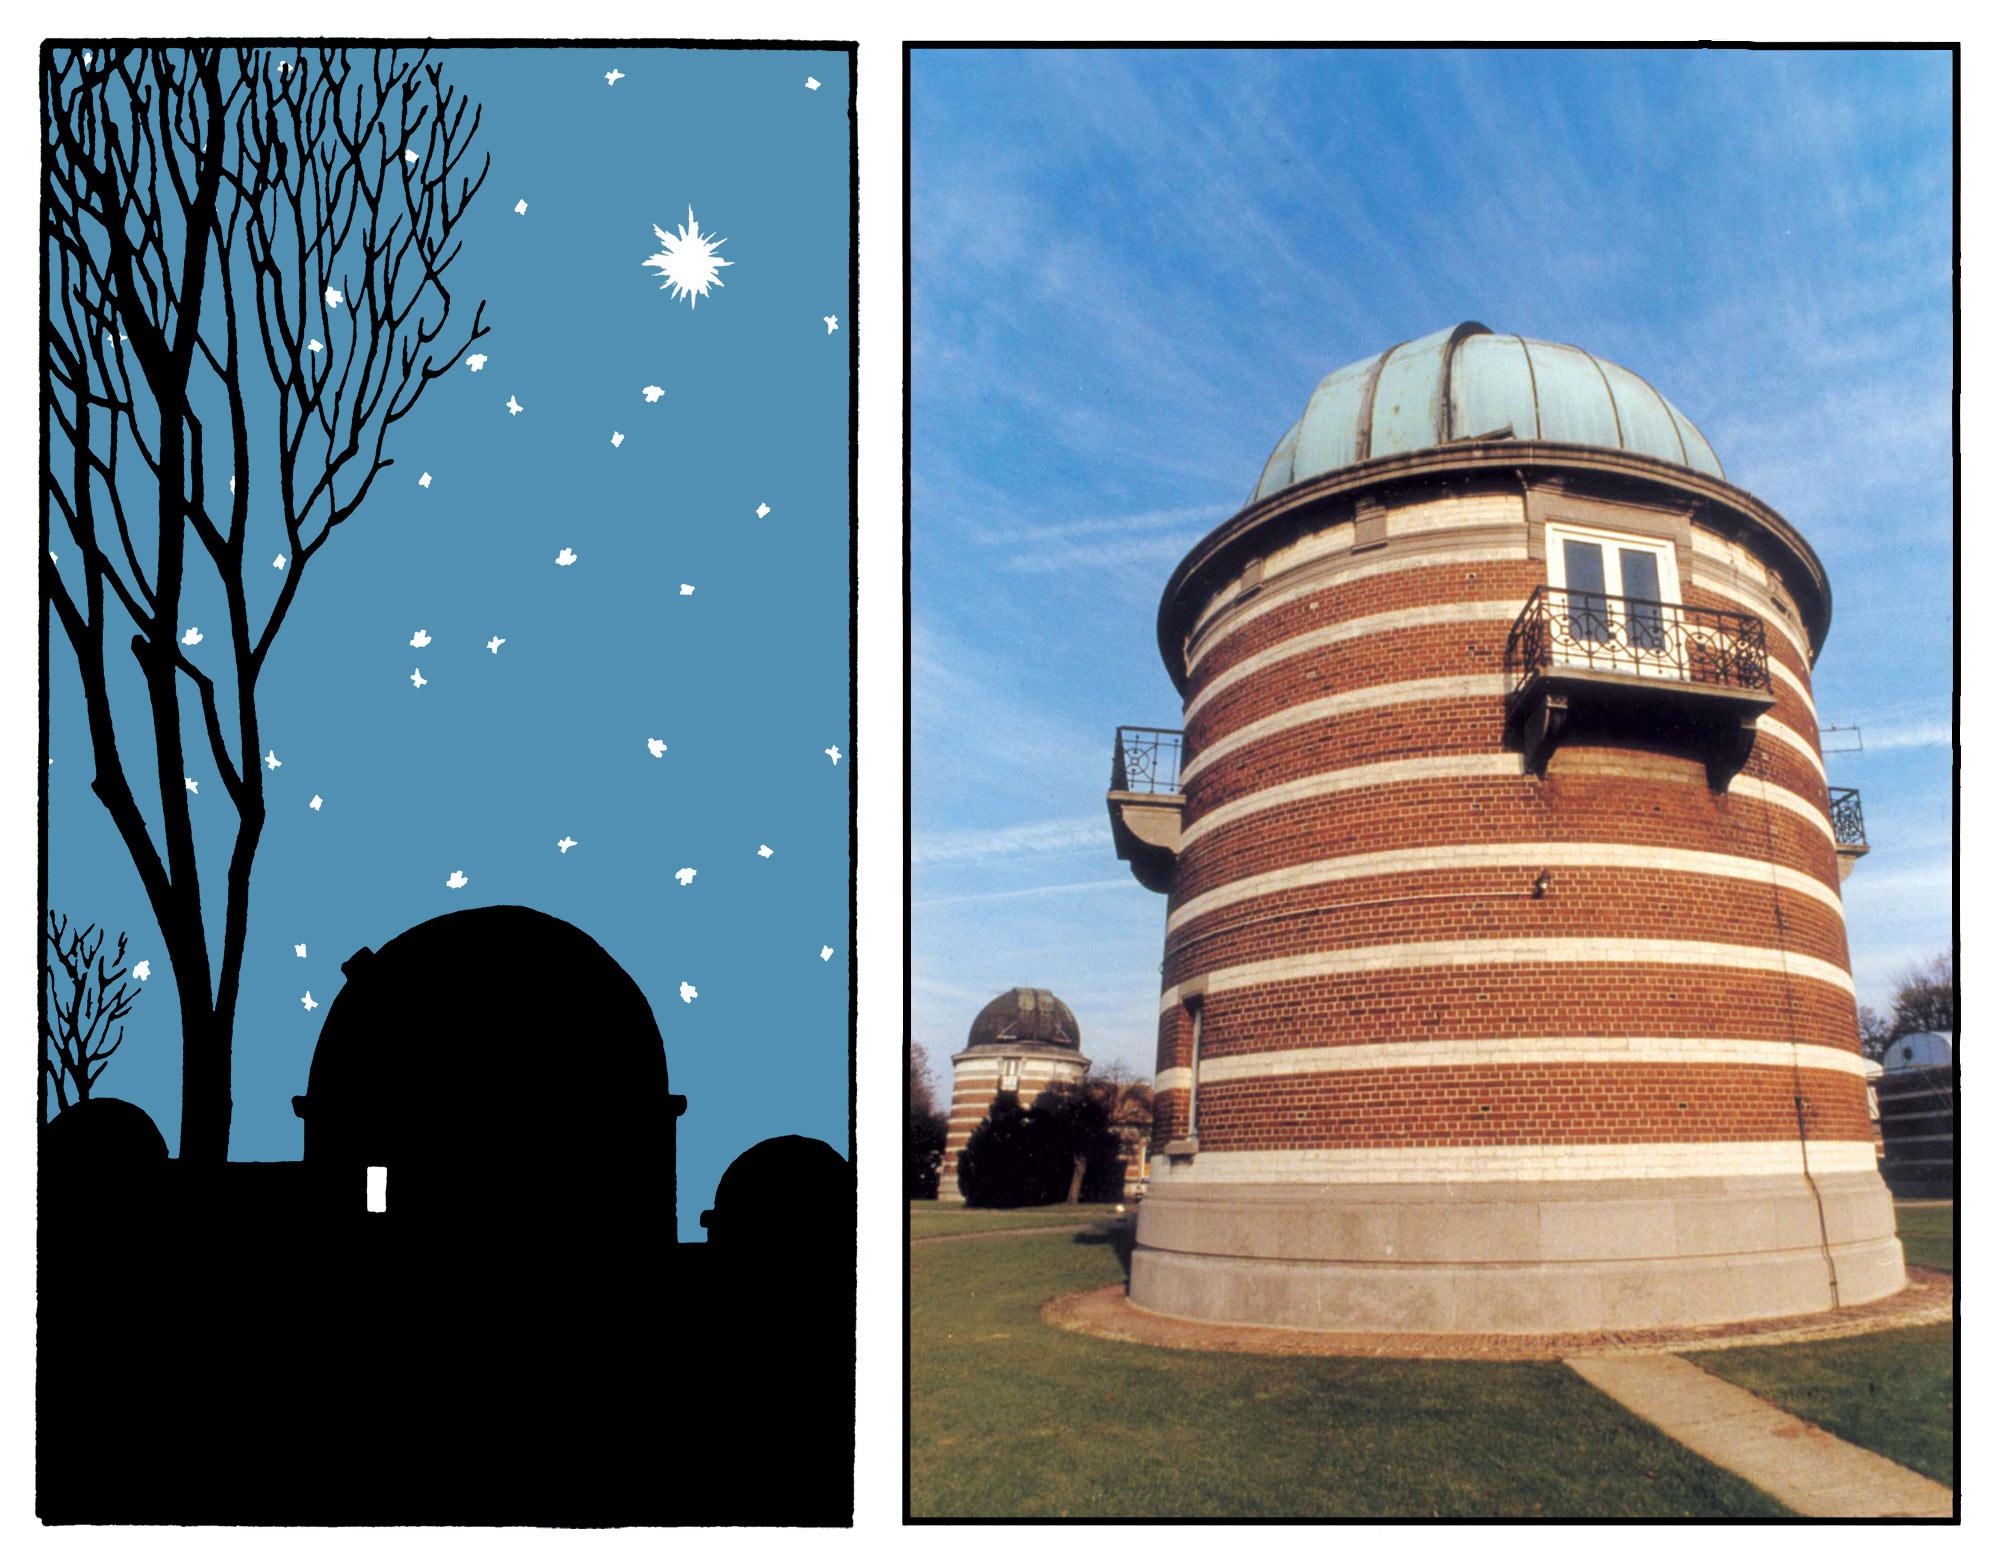 L'Etoile Mystérieuse observatoire